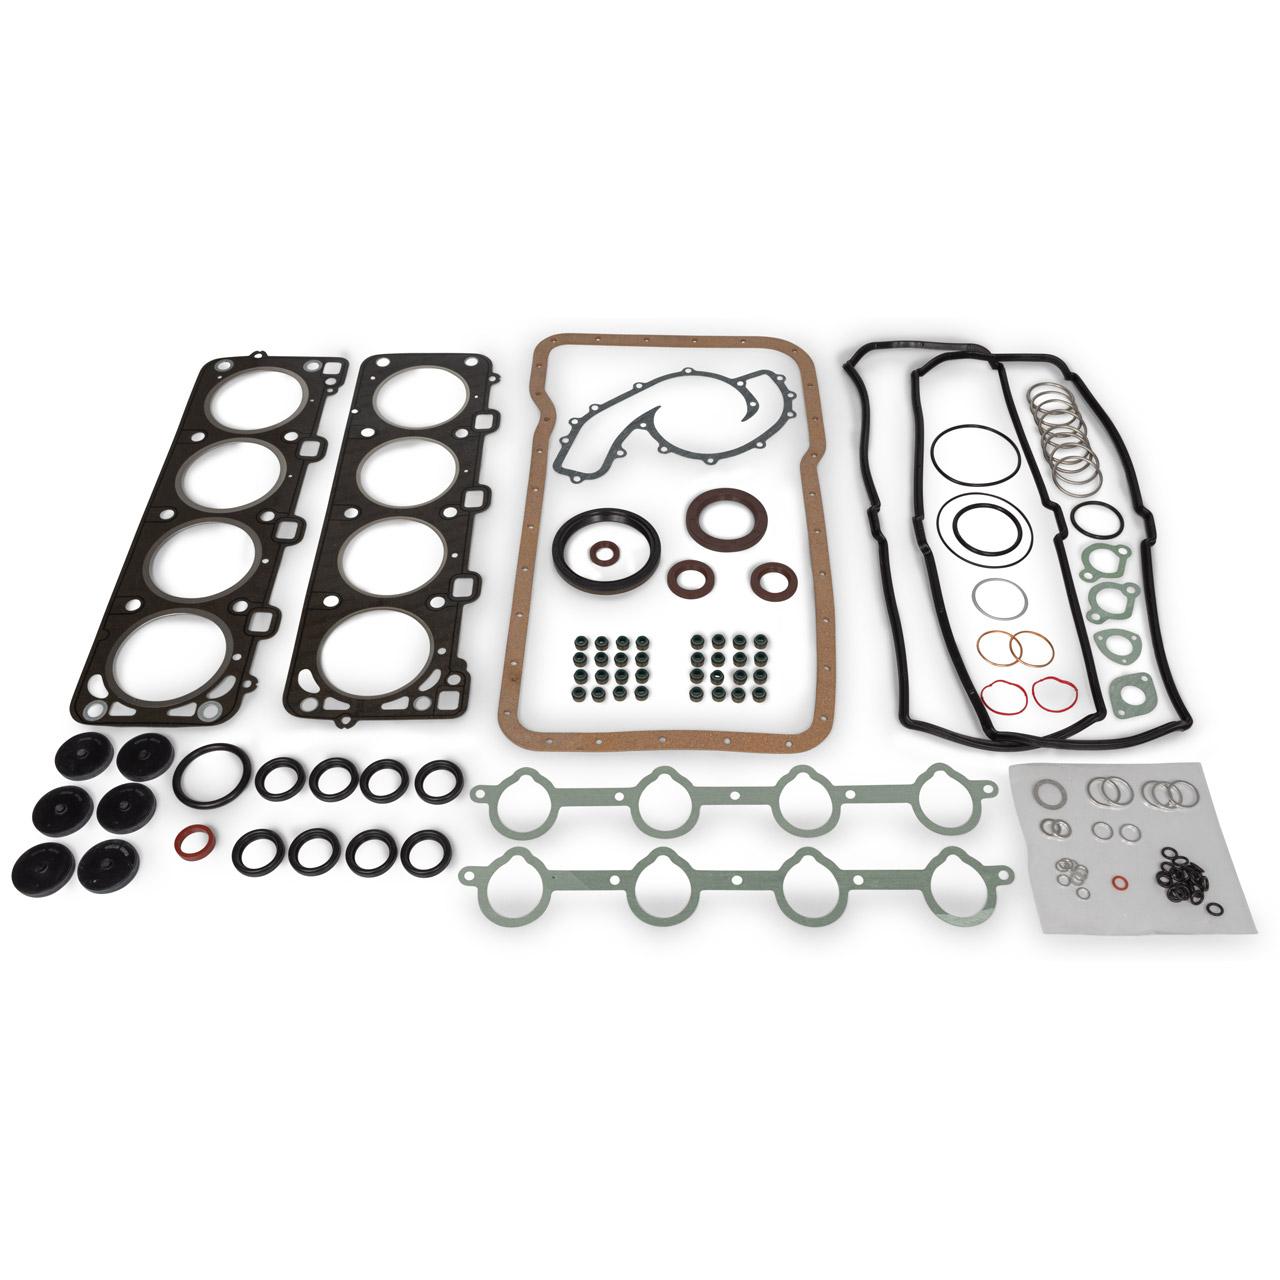 REINZ 01-26035-03 Motordichtungssatz für PORSCHE 928 5.0 S 288 PS 92810090102